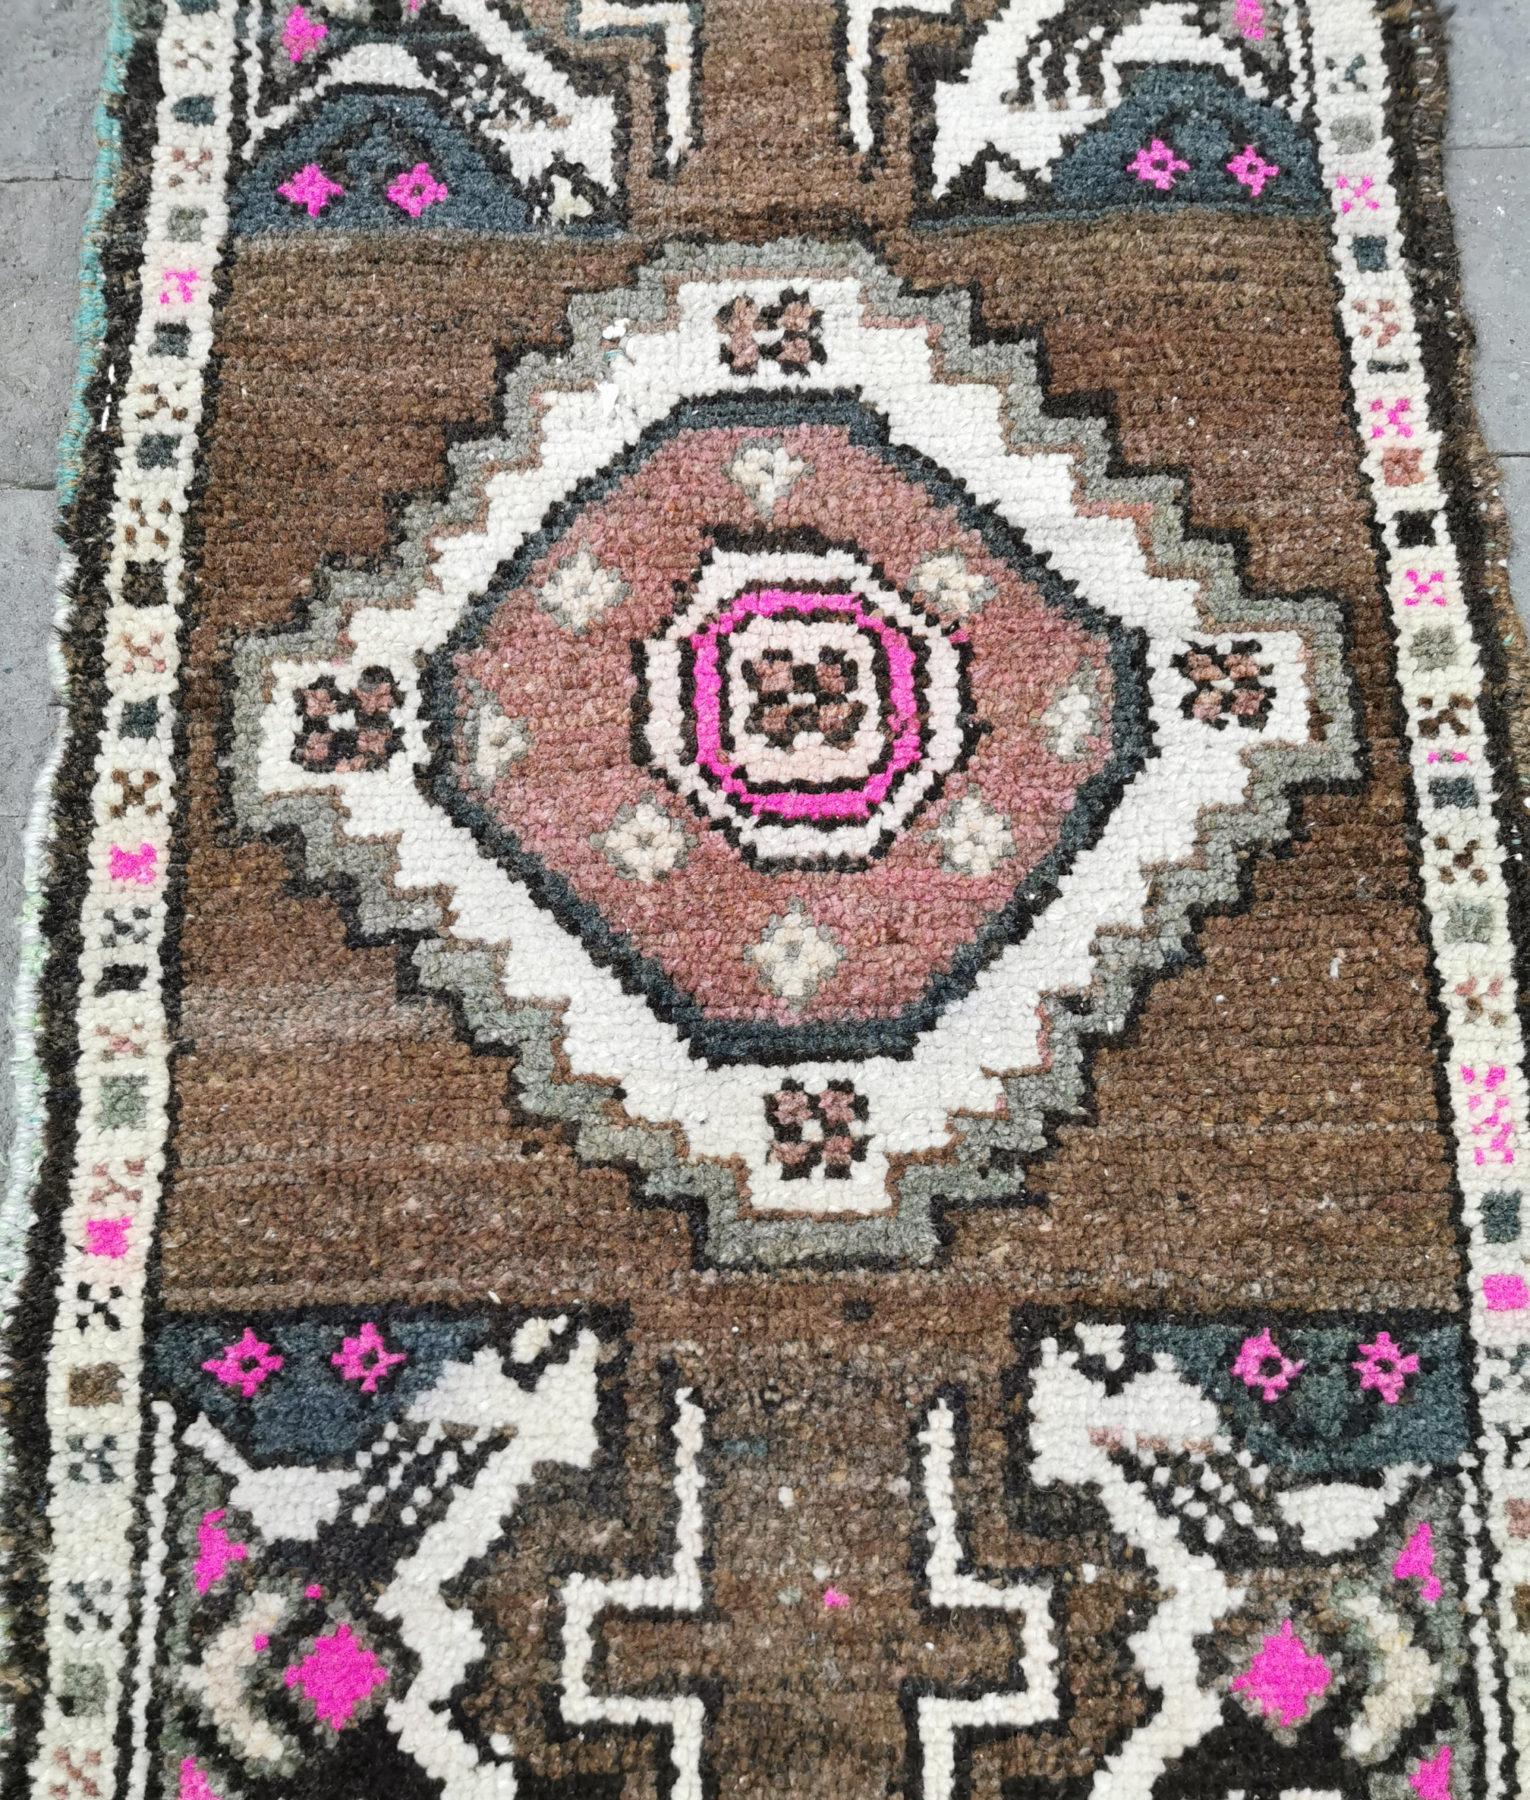 Bath Runner Small Oushak Runner Pink Brown Turkish Kitchen Rug Vintage Door Mat Rug Kitchen Rug Boho Entry Rug 1/'3 x 3/'6 Bedroom Rug